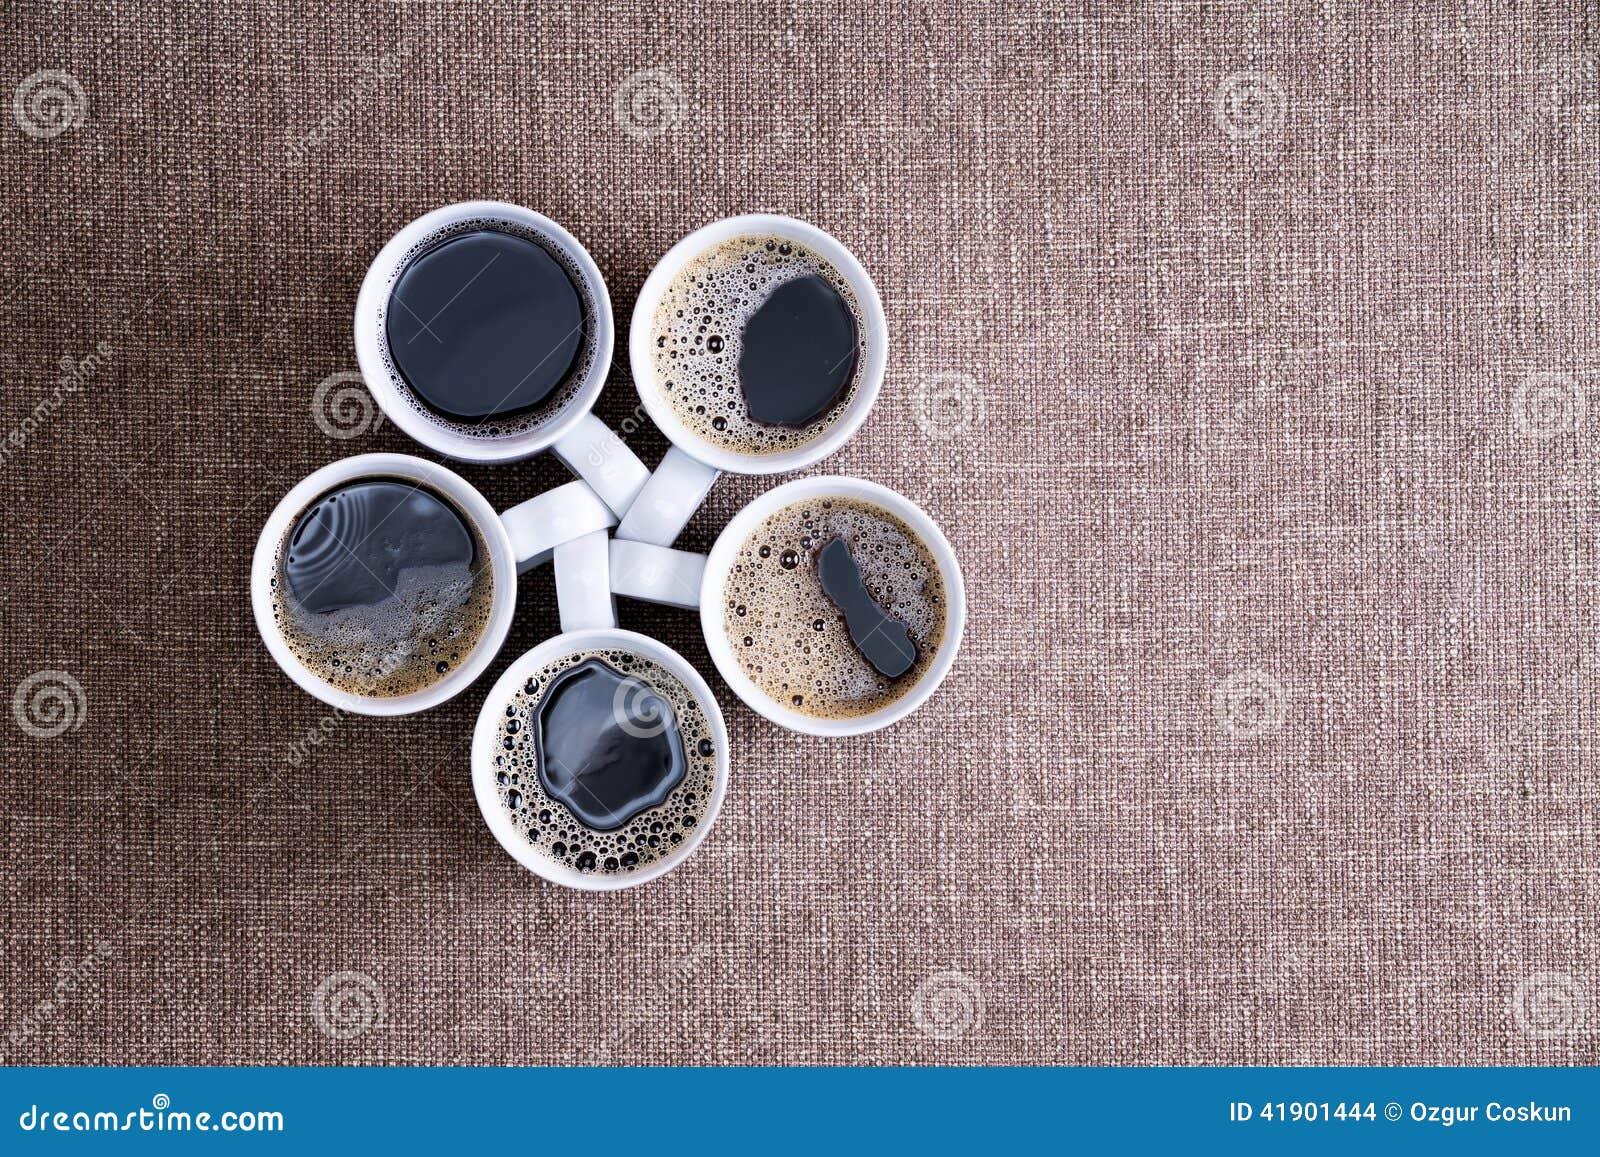 Cinco tazas por completo de café sólo listo para ser servido